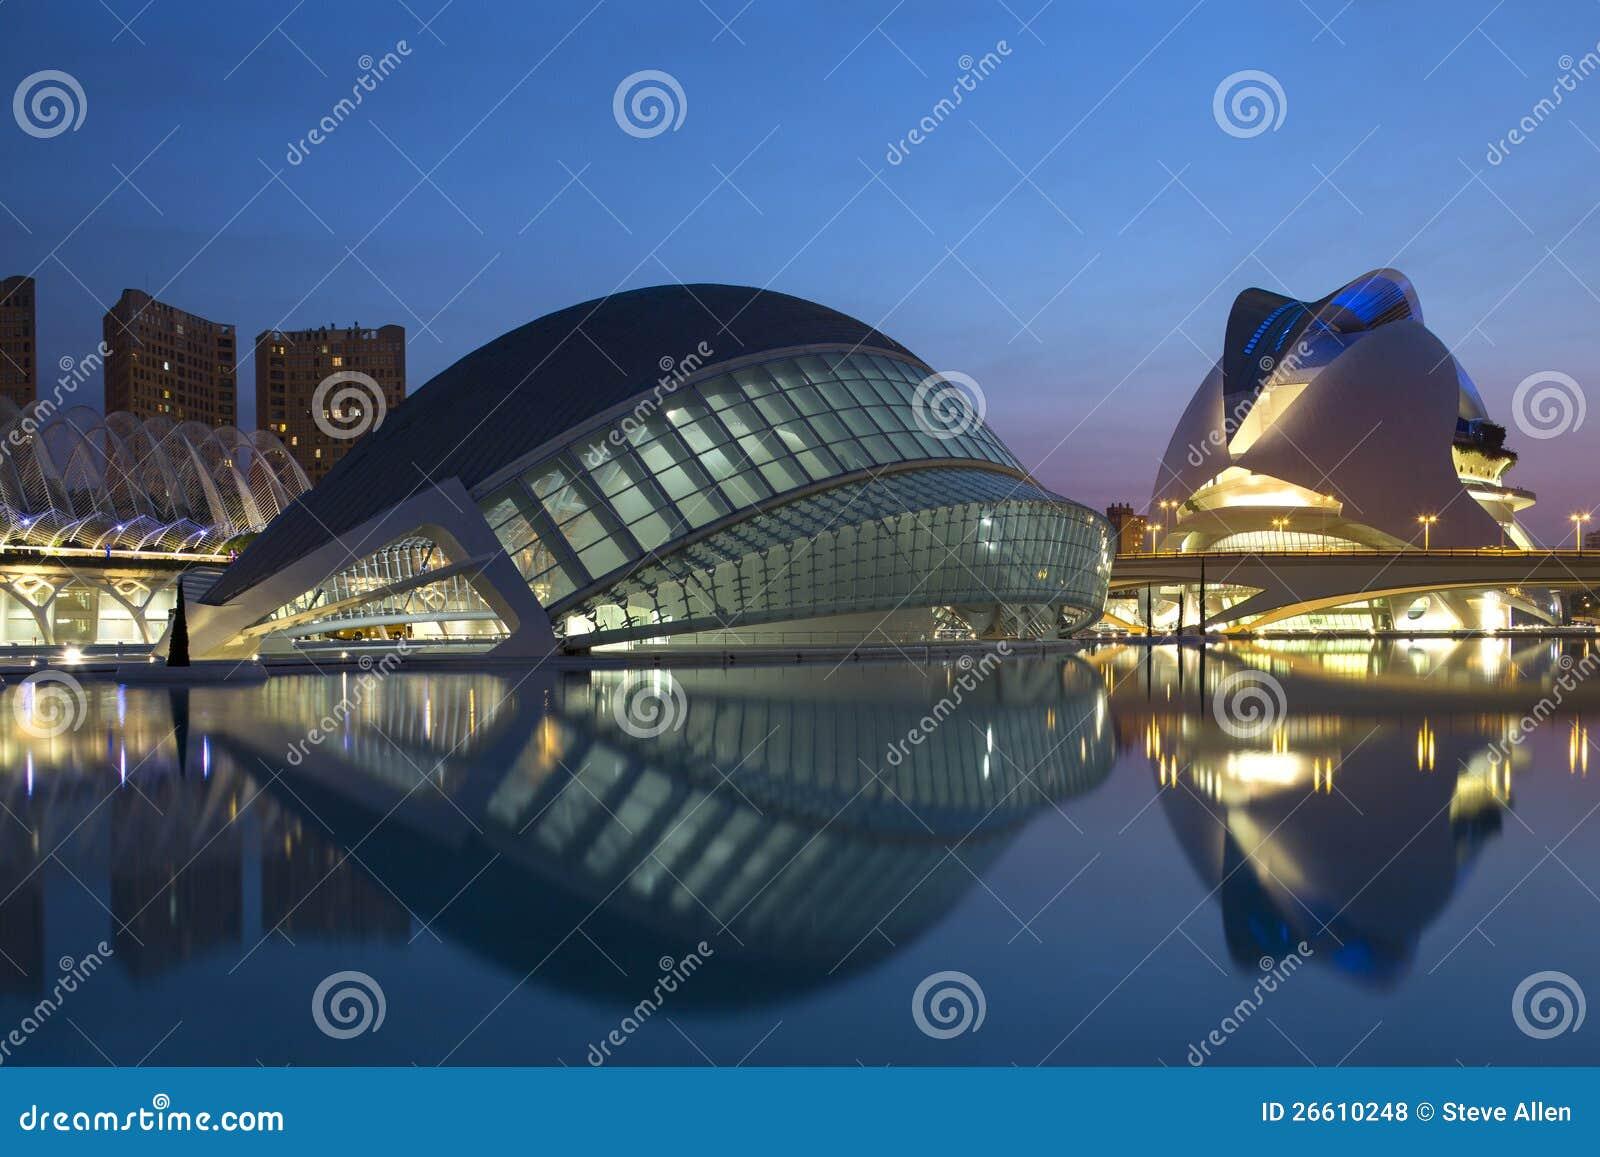 Valencia - City of Arts & Sciences - Spain